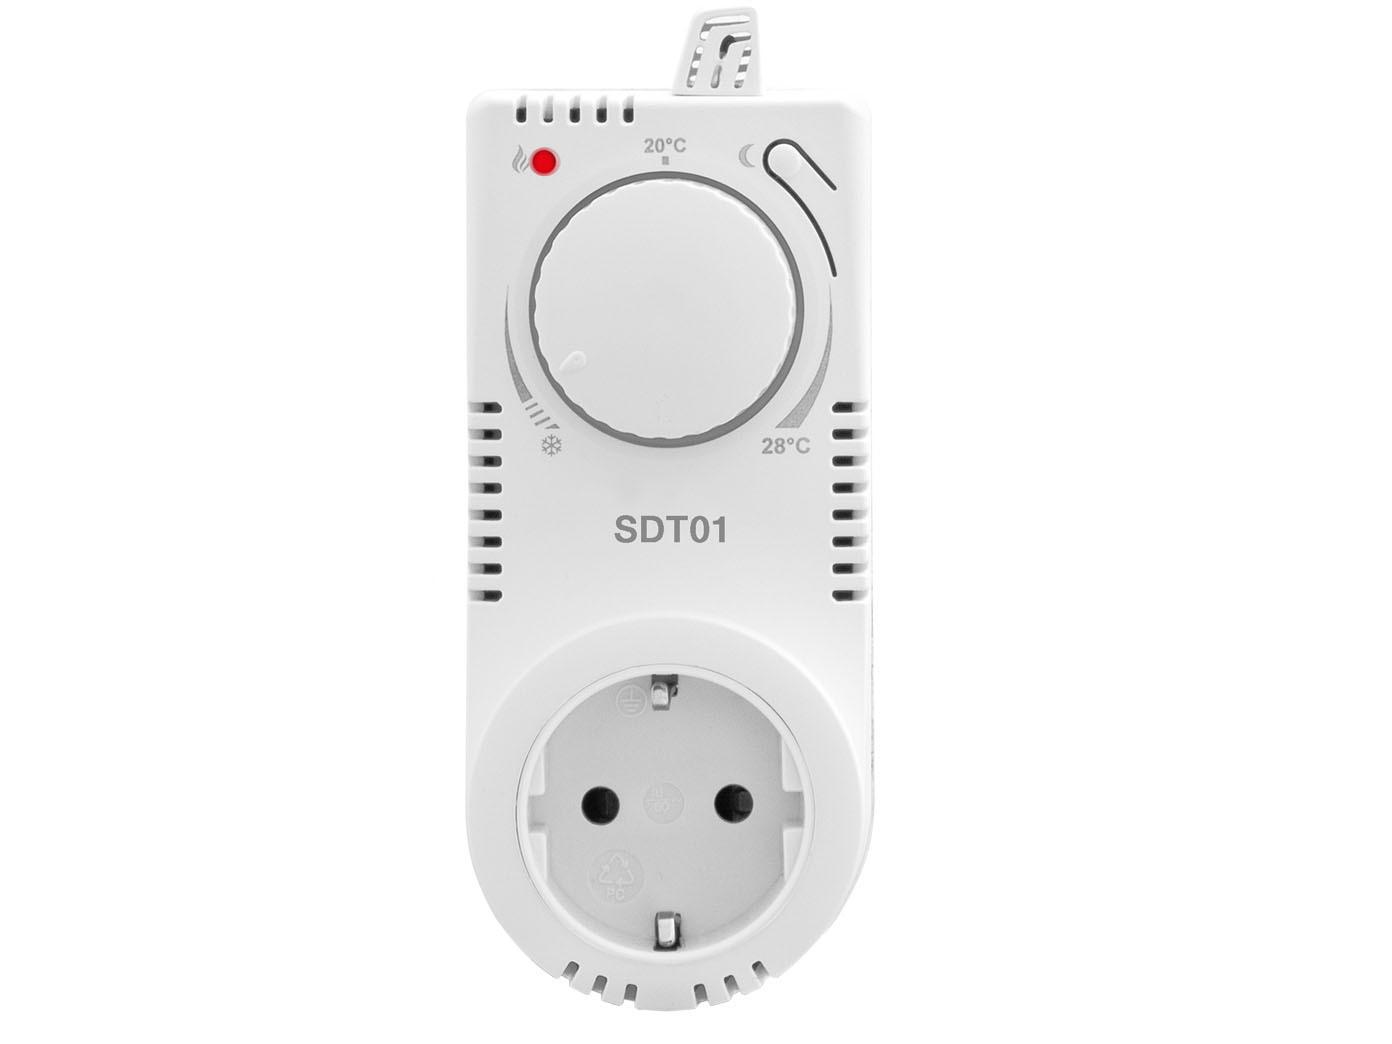 stecker thermostat f r infrarotheizung steckdosenthermostat mit nachtabsenkung ebay. Black Bedroom Furniture Sets. Home Design Ideas